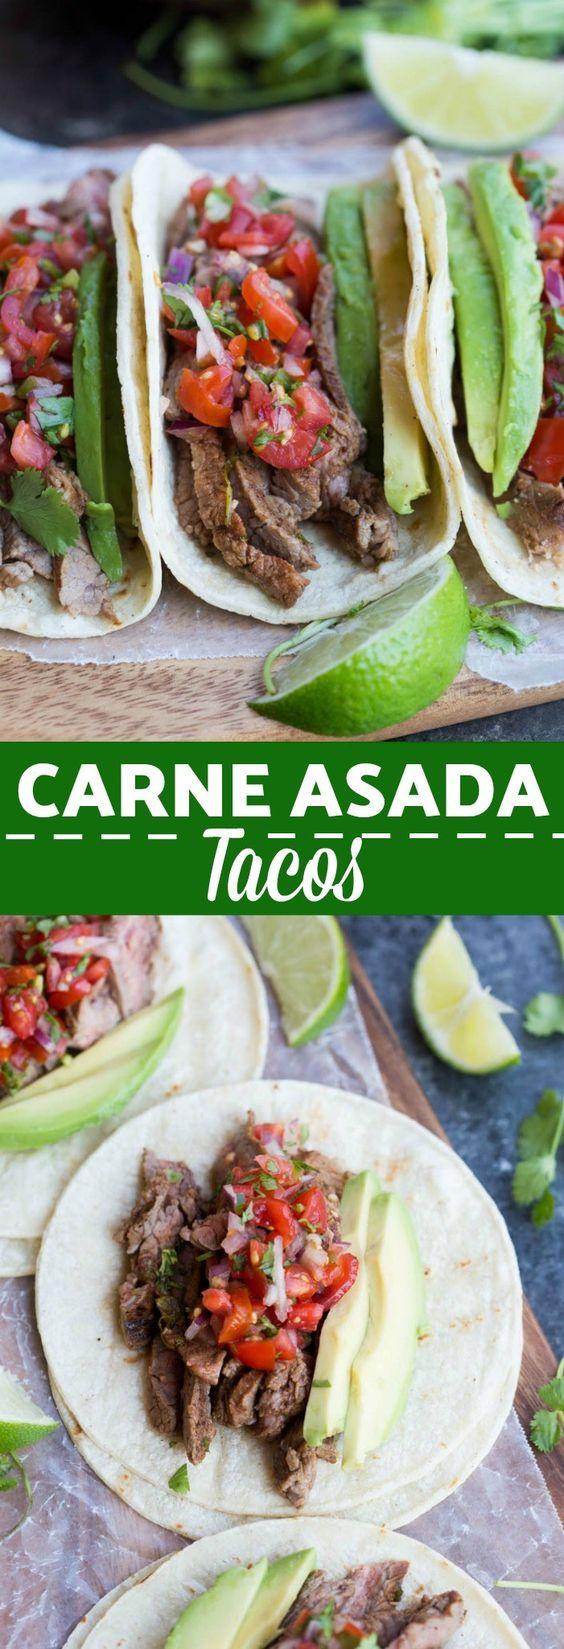 tacos de asada para fiestas mexicanas